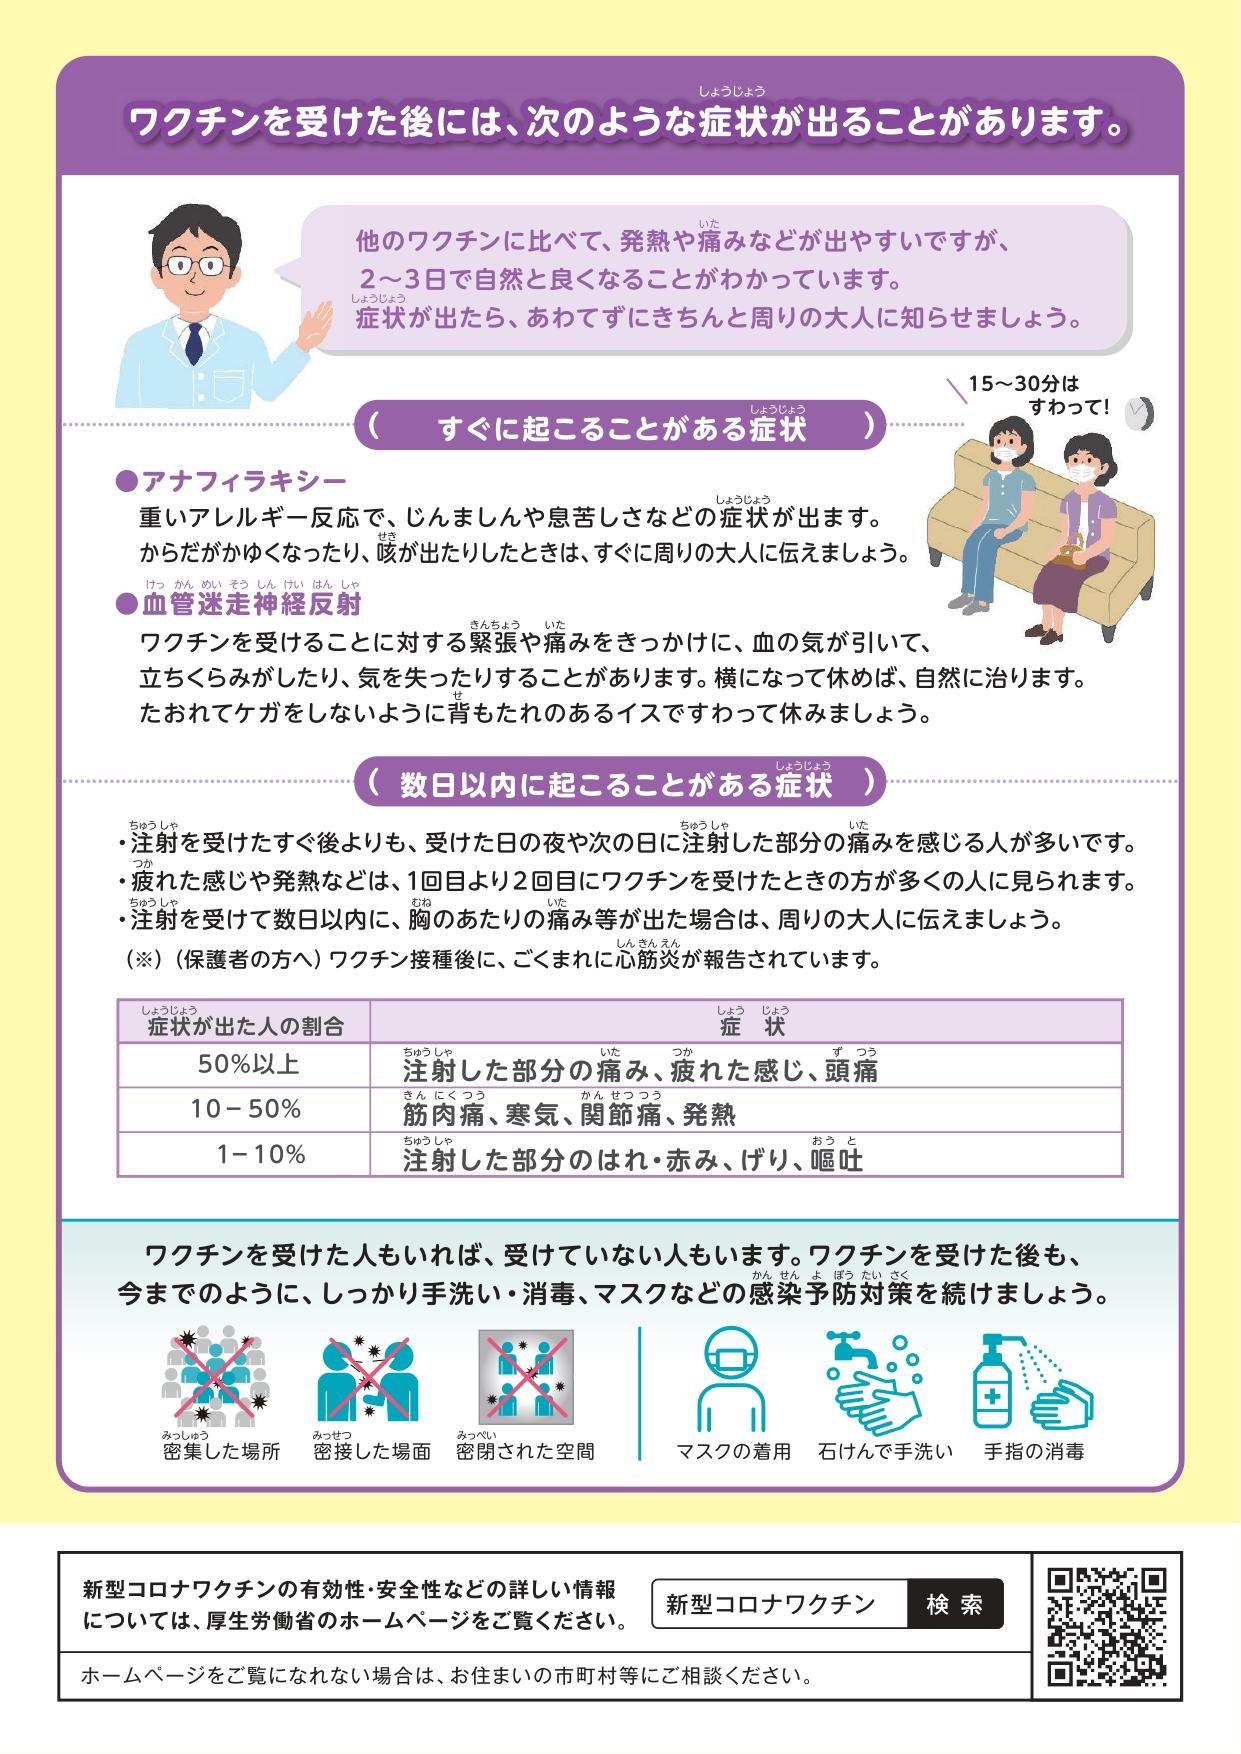 12歳以上のお子様と保護者のかたへコミナティ(ファイザー社)新型コロナワクチン接種についてのお知らせ(裏)